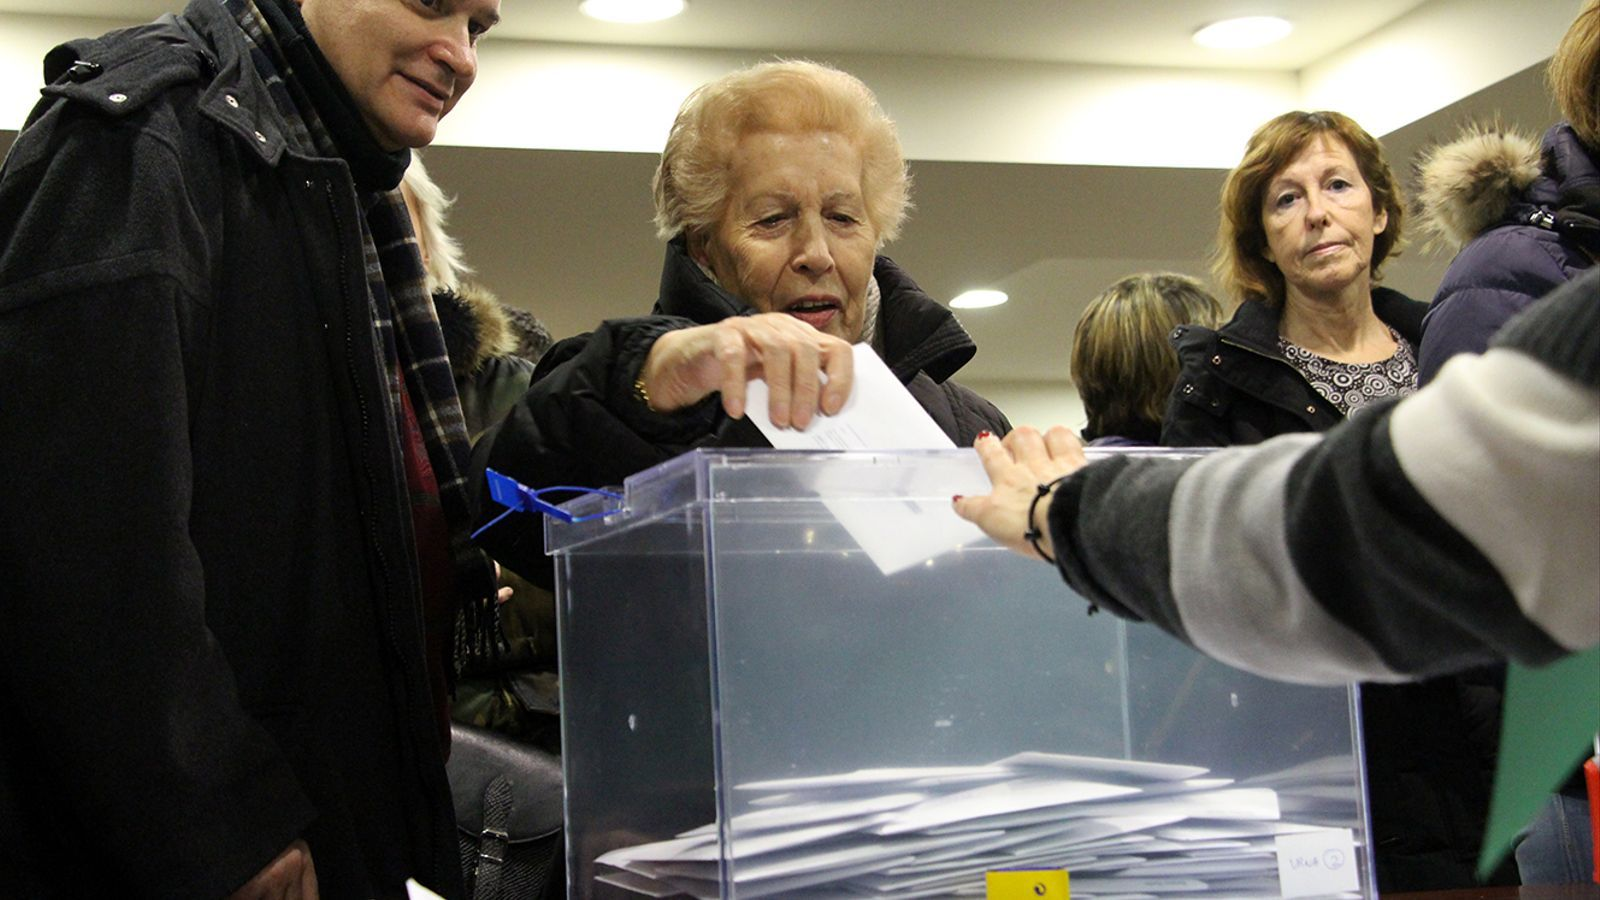 Els residents catalans exerceixen el dret a vot al consolat espanyol. / M. M. (ANA)